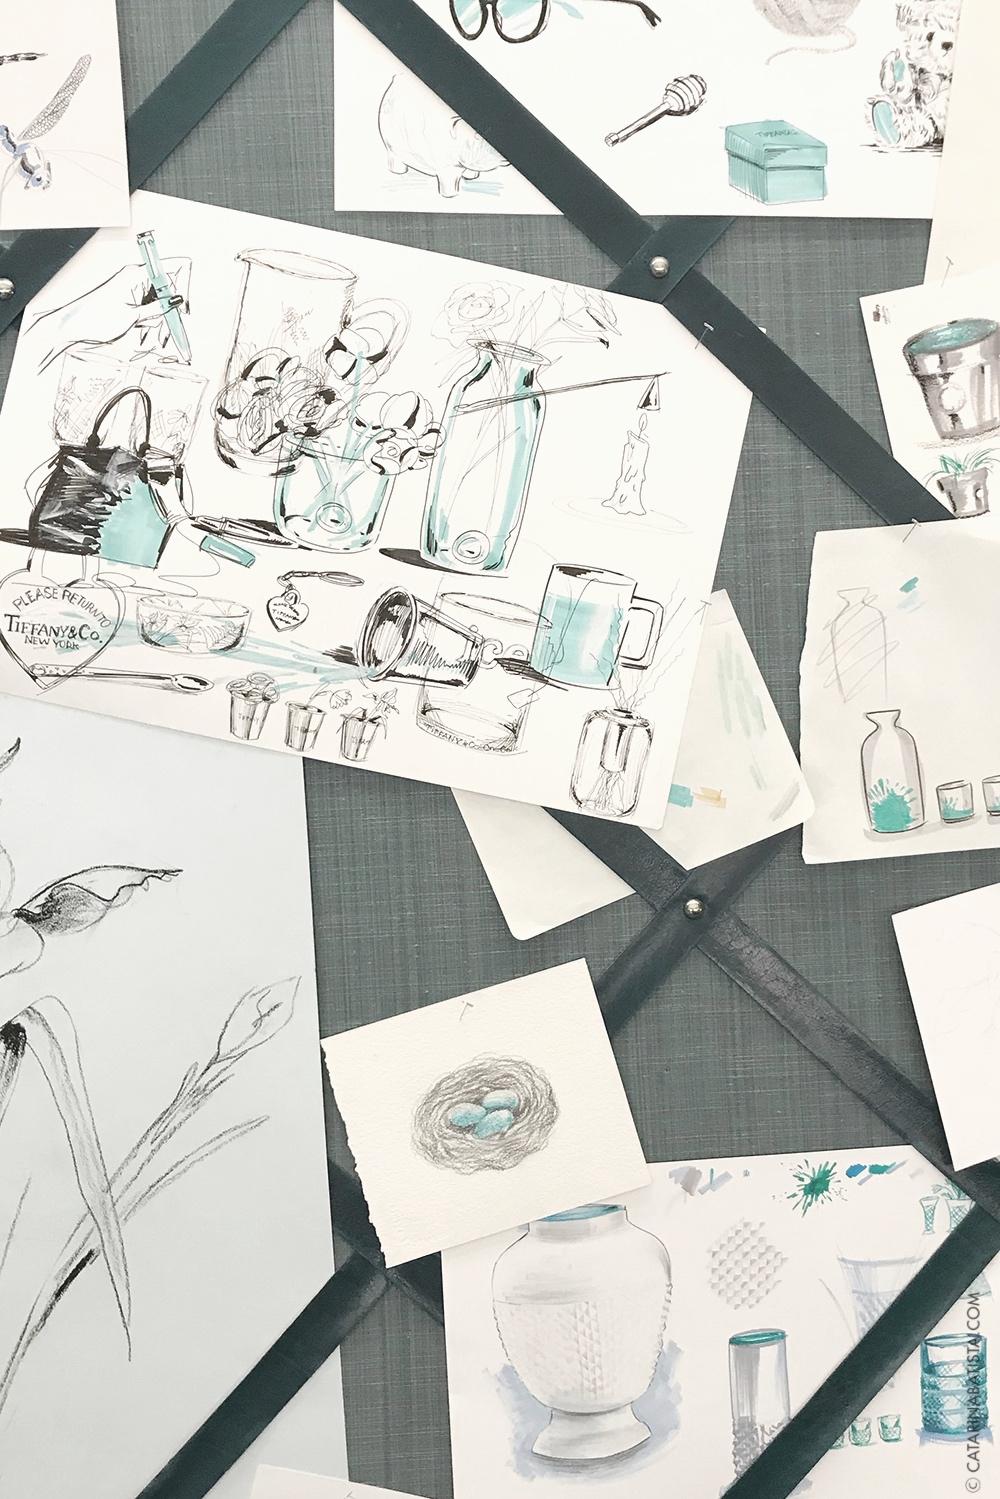 104_Catarina_Batista_nyc_arquitectura_decoracao_designdeinteriores_interiordesign_make_it_beautiful.jpg